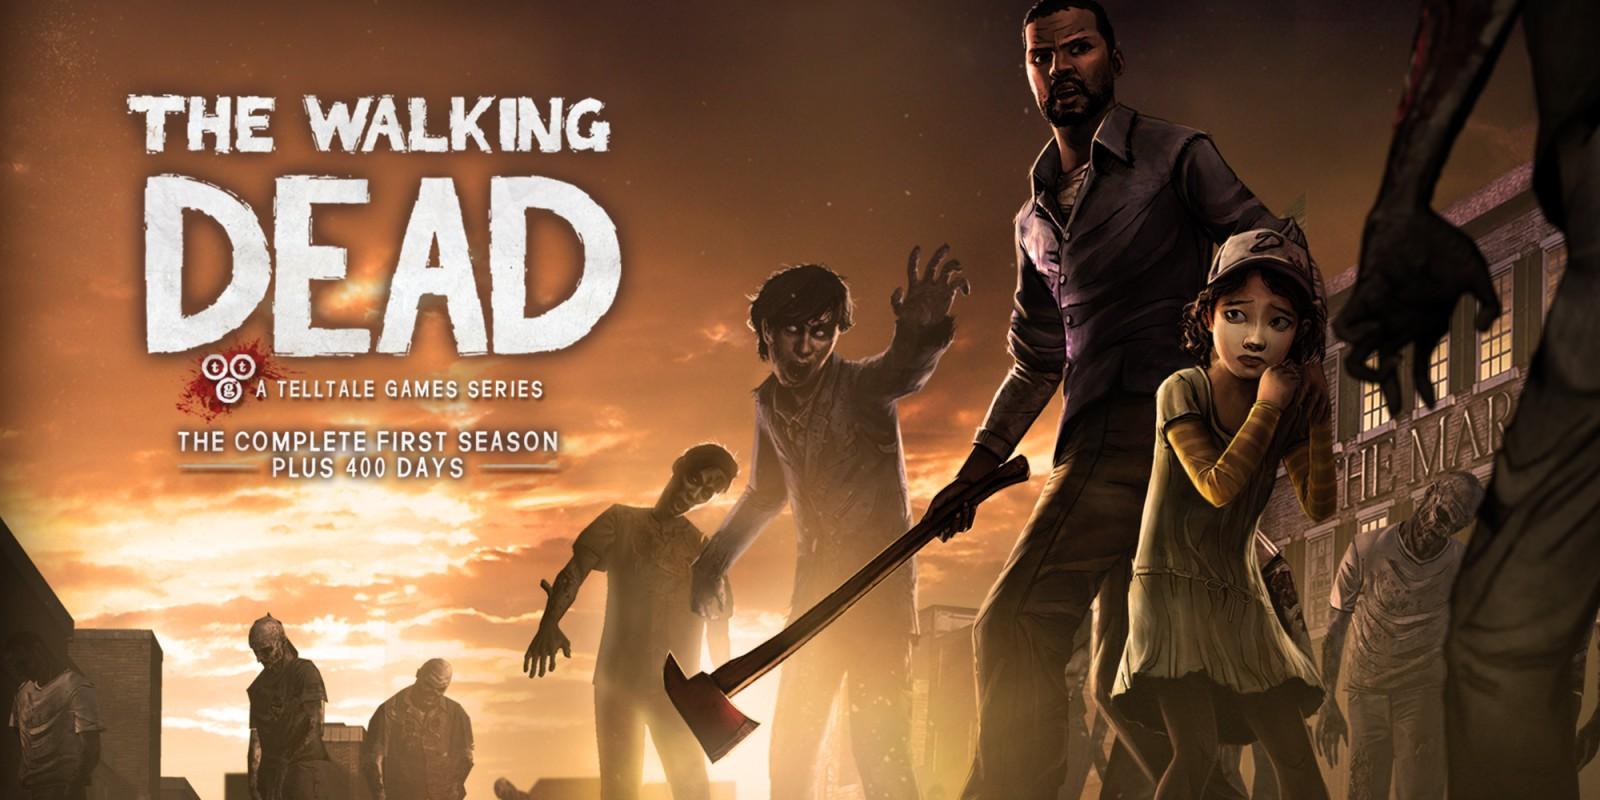 the walking dead season 1 guide